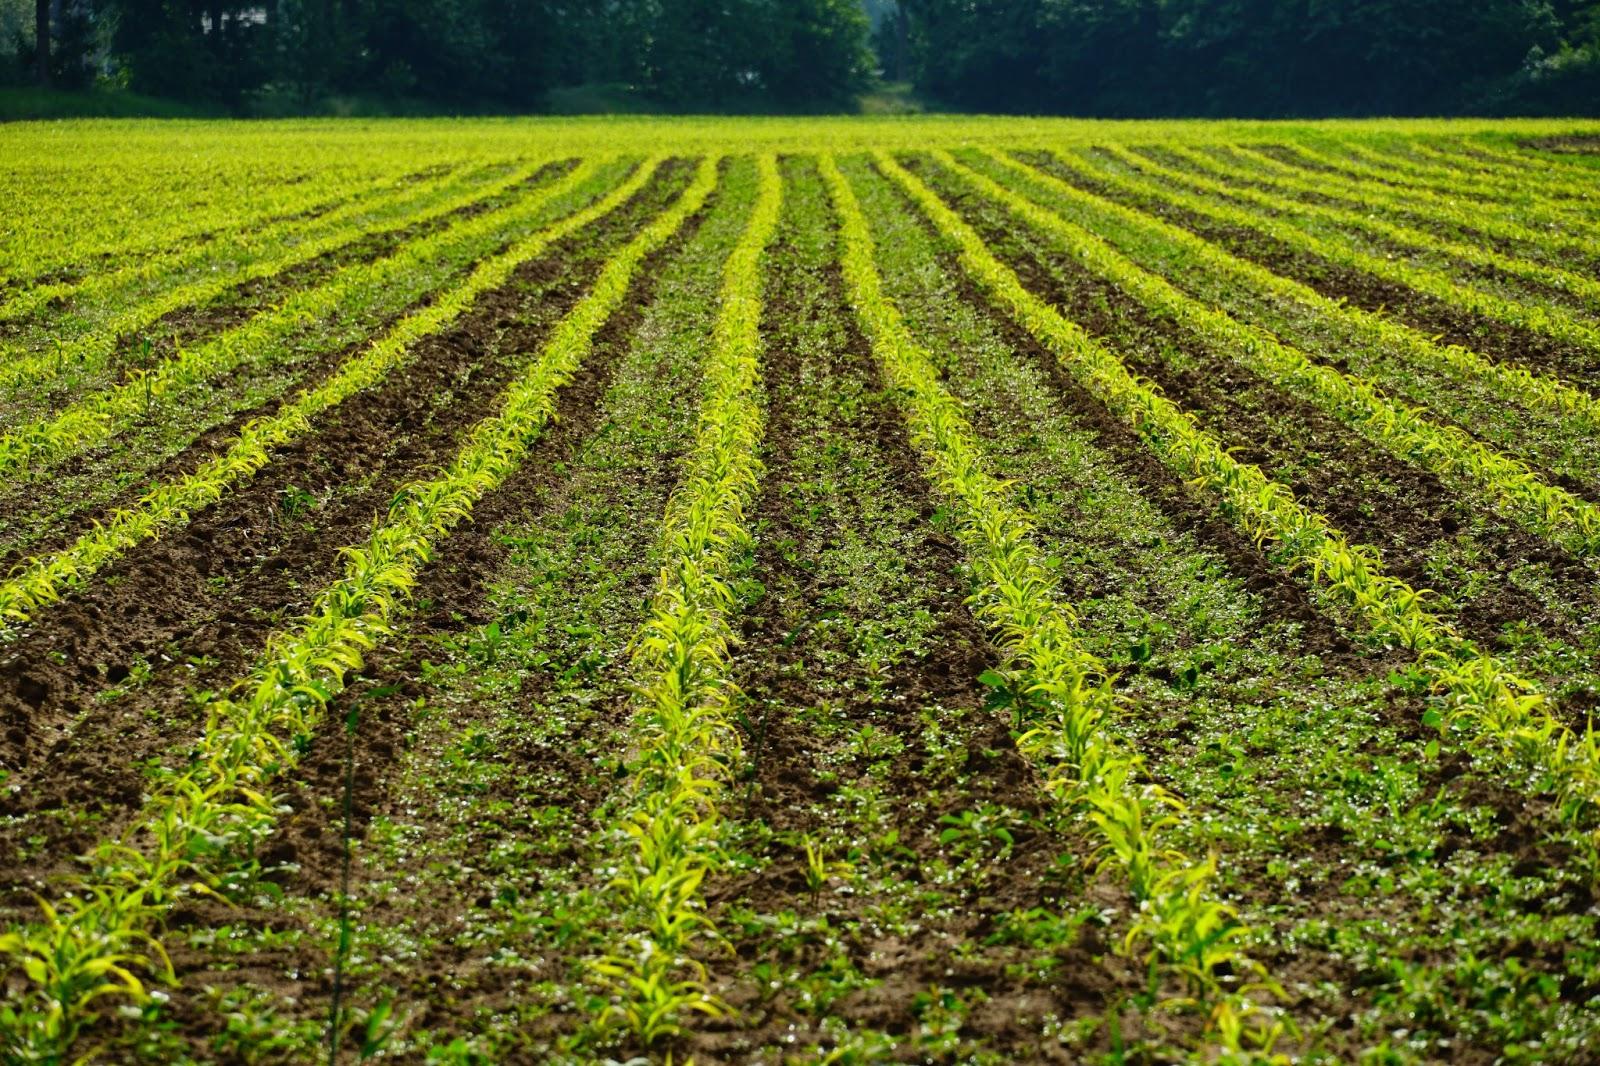 green rows of crop fields